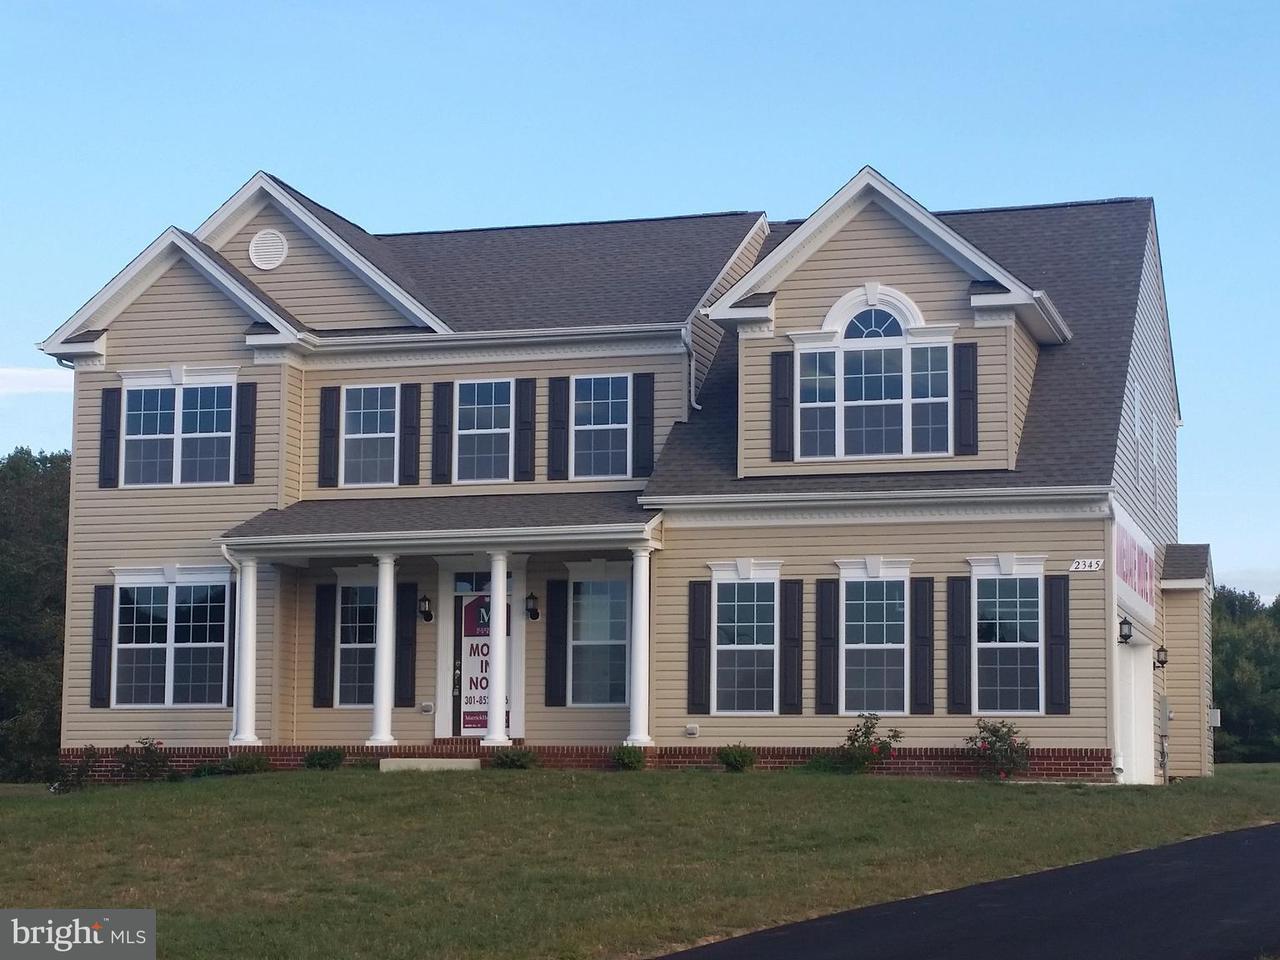 一戸建て のために 売買 アット 2345 Hearthstone Place 2345 Hearthstone Place Huntingtown, メリーランド 20639 アメリカ合衆国